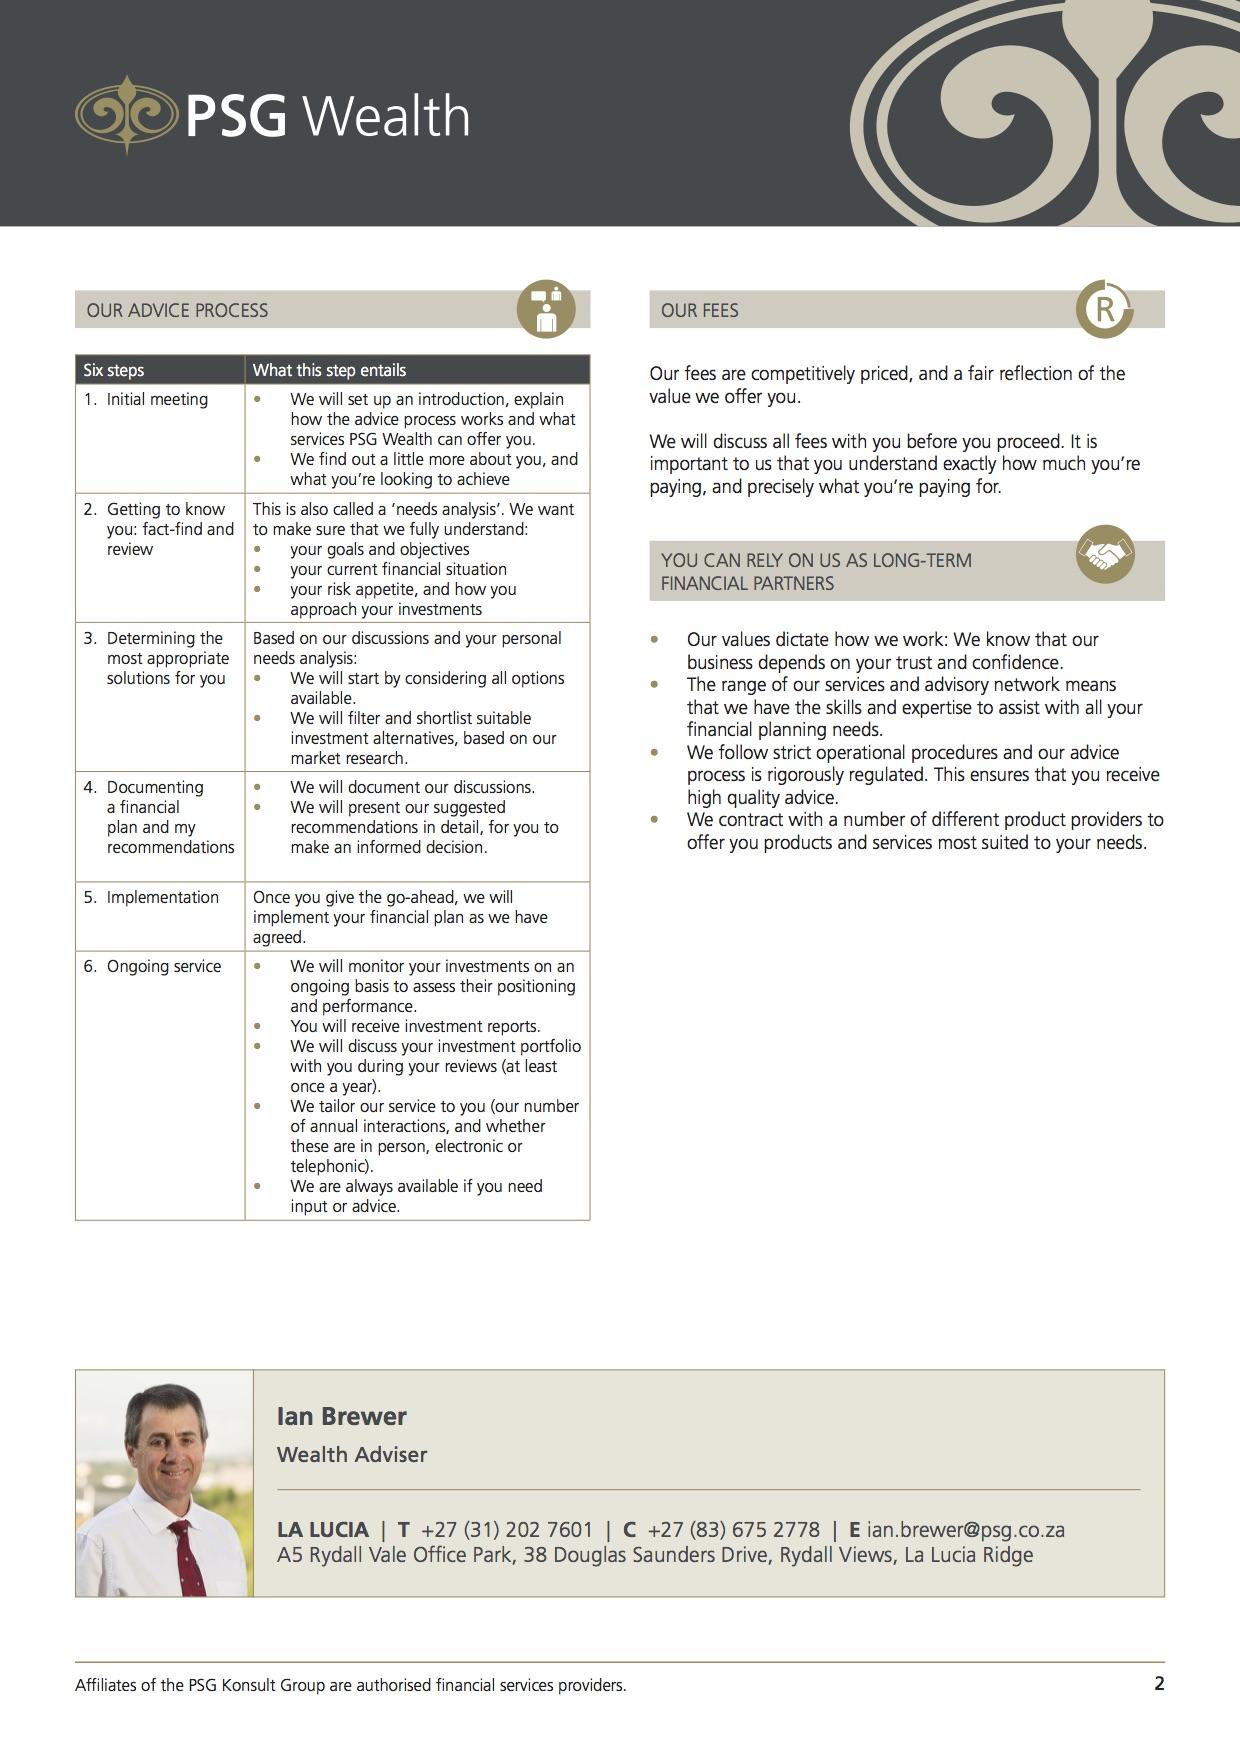 03 PSG Flyer - Value Prop (Ian Brewer) Jun172 - 2